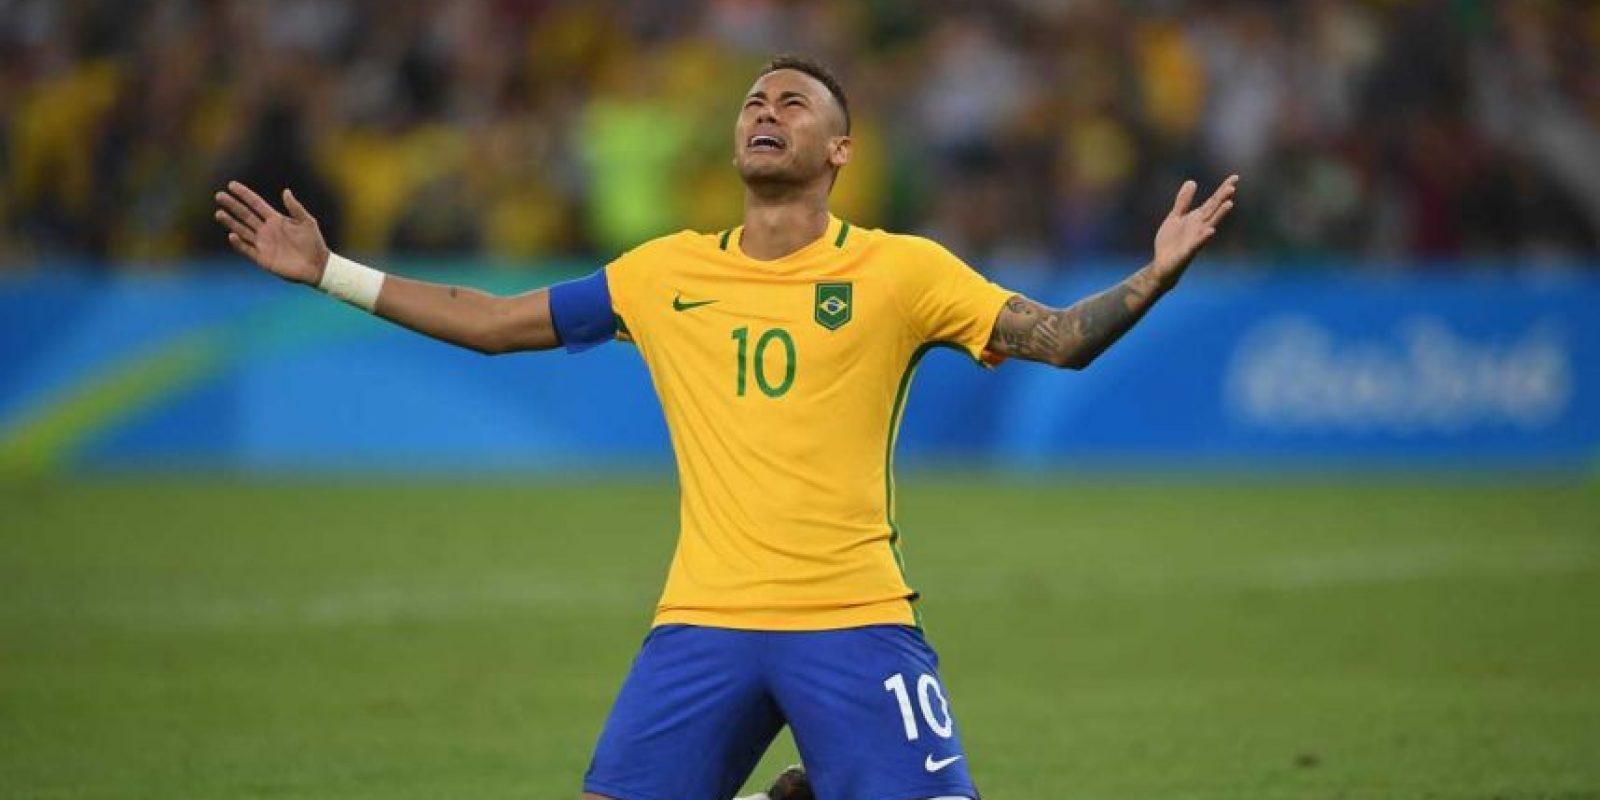 Lideró a la selección de Brasil que por fin logró ganar la medalla de oro en fútbol. Foto:Getty Images